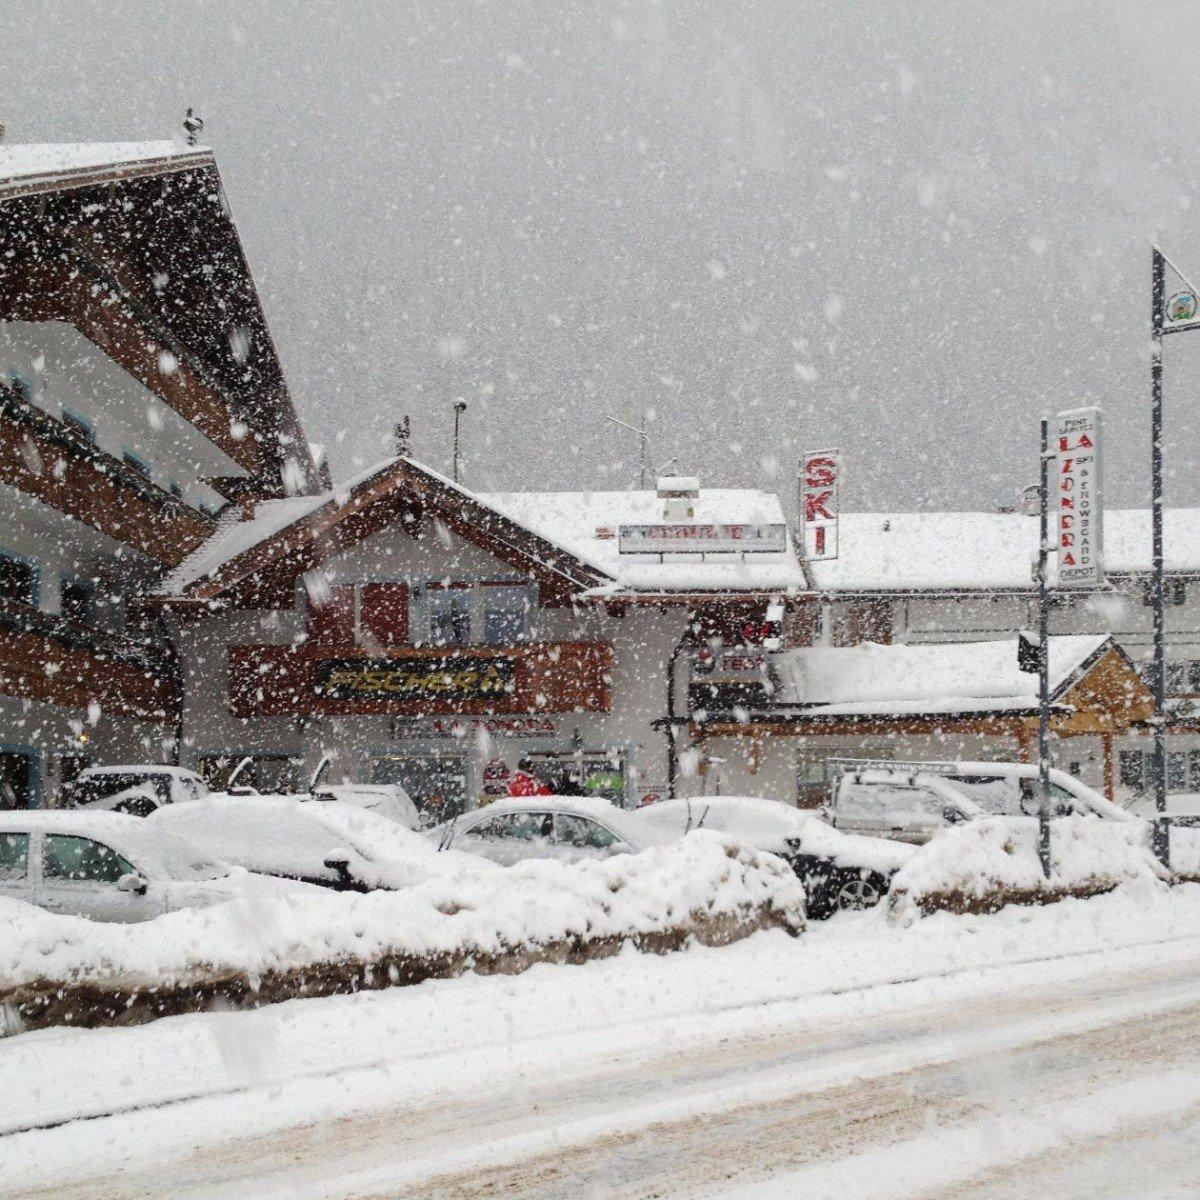 Noleggio sci La Zondra di Bernard Giorgio